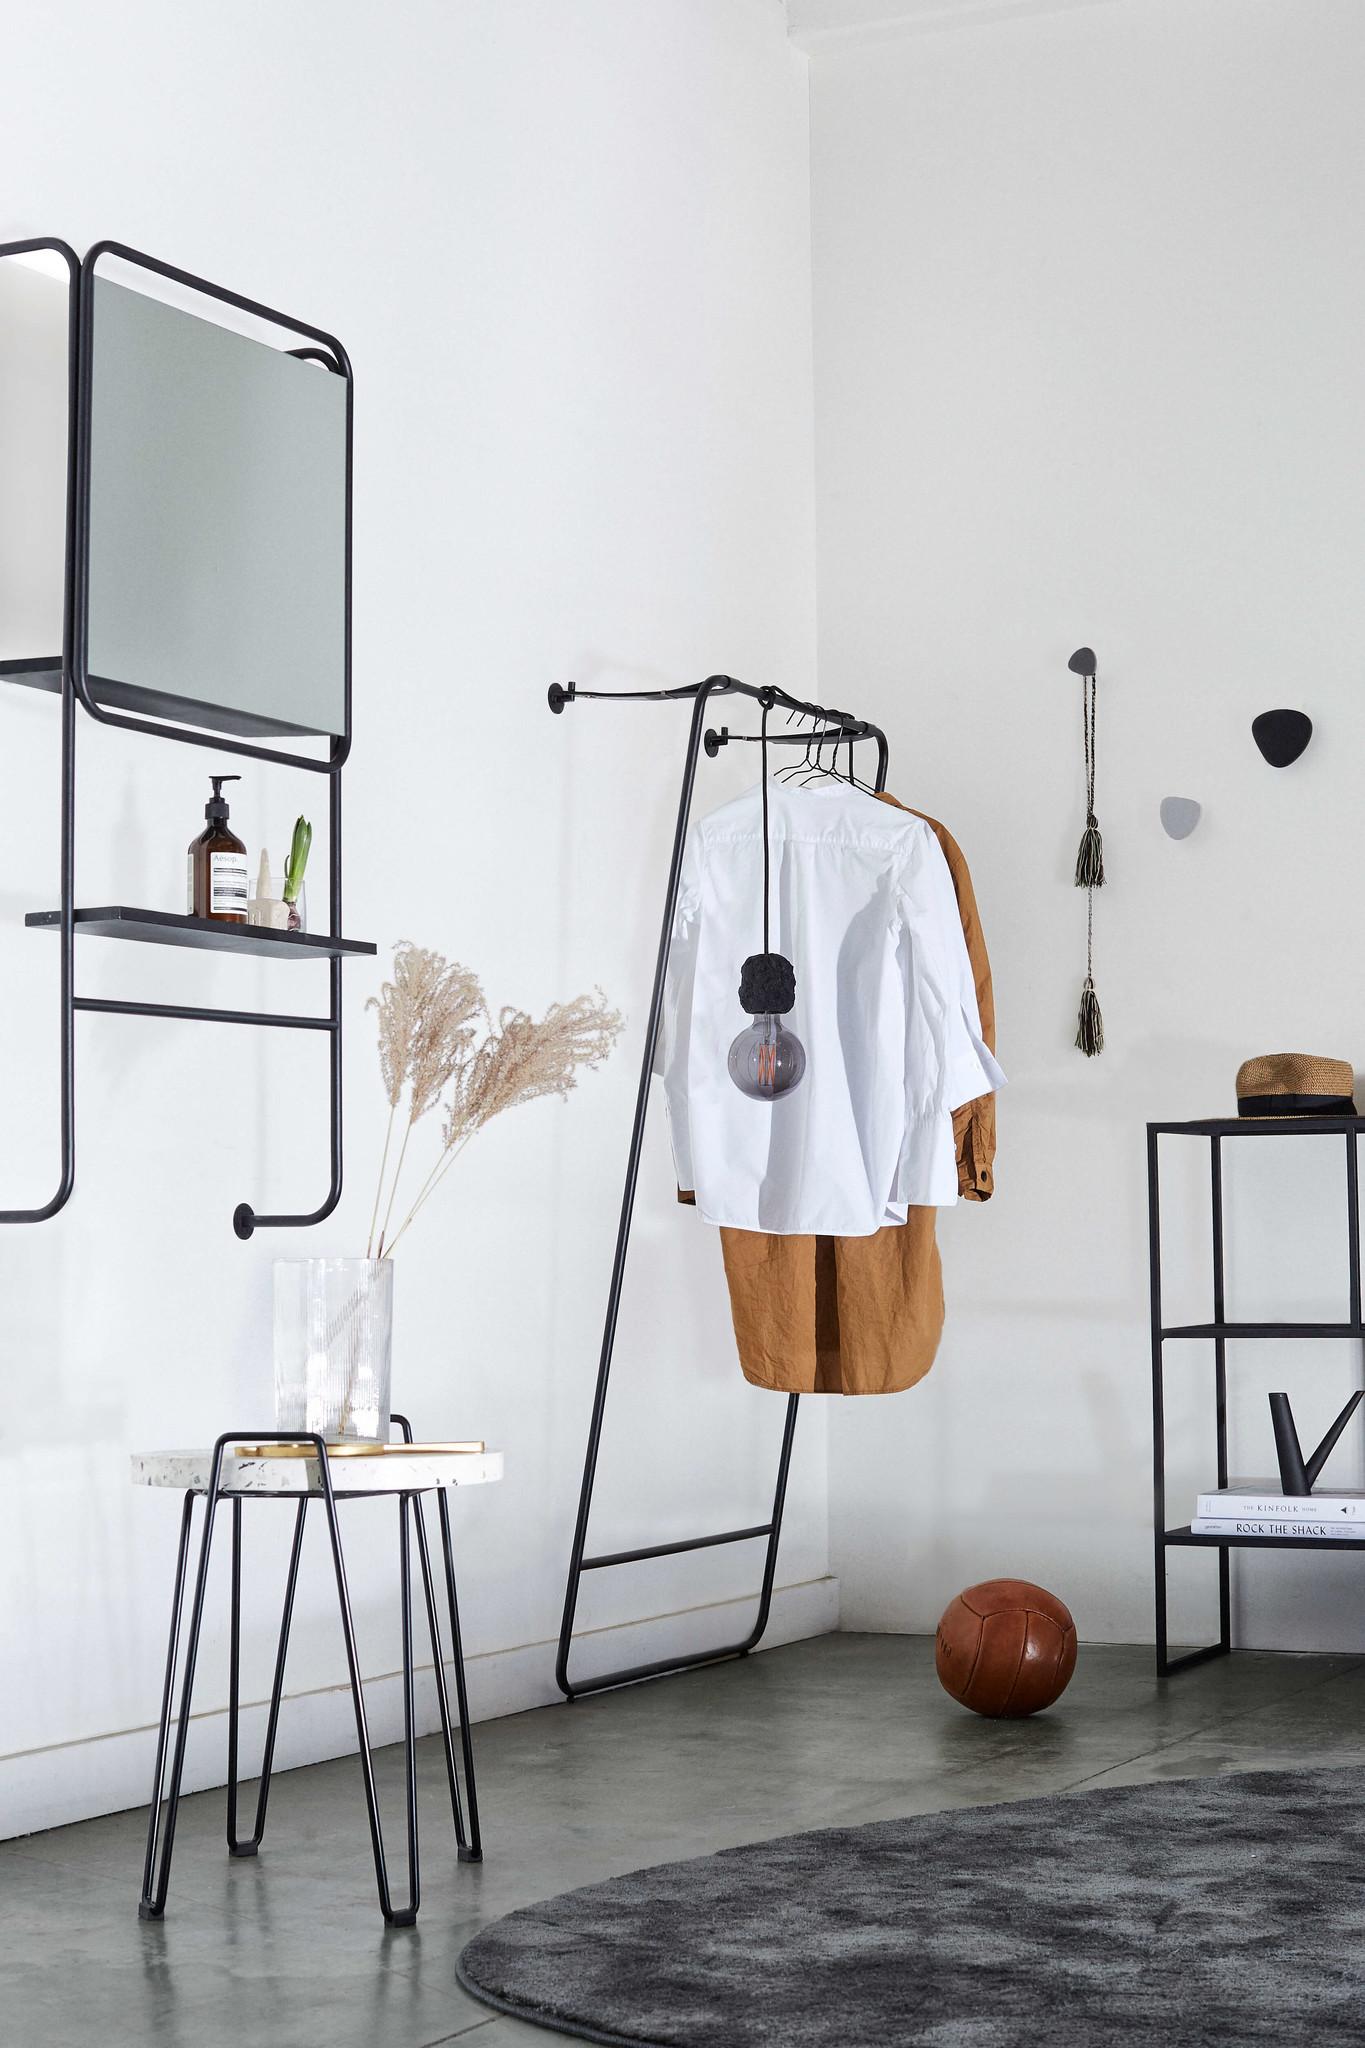 Muubs clothes rack, Copenhagen